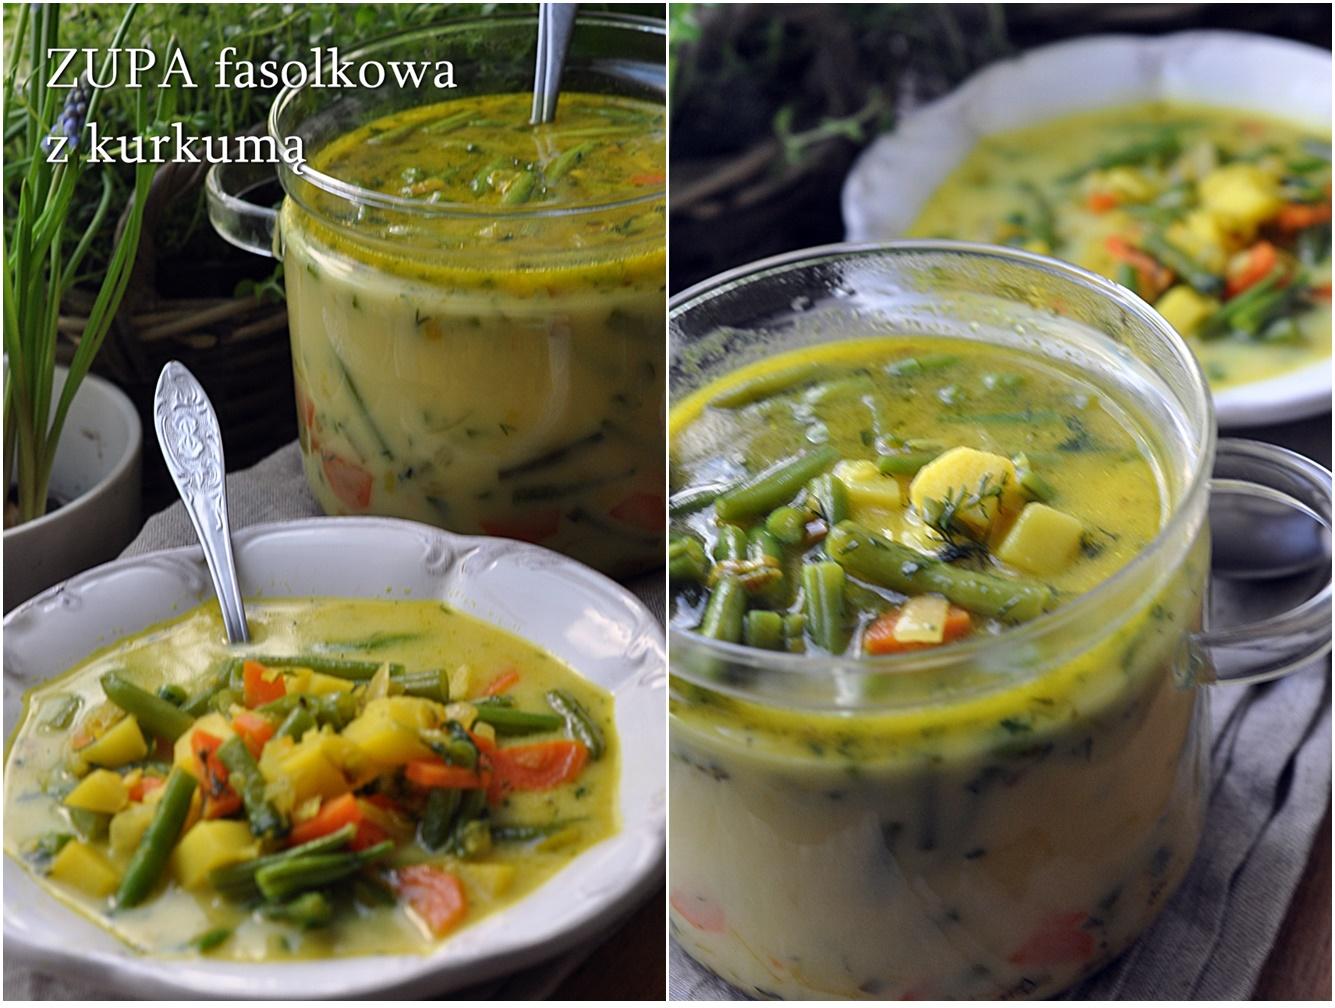 zupa fasolkowa